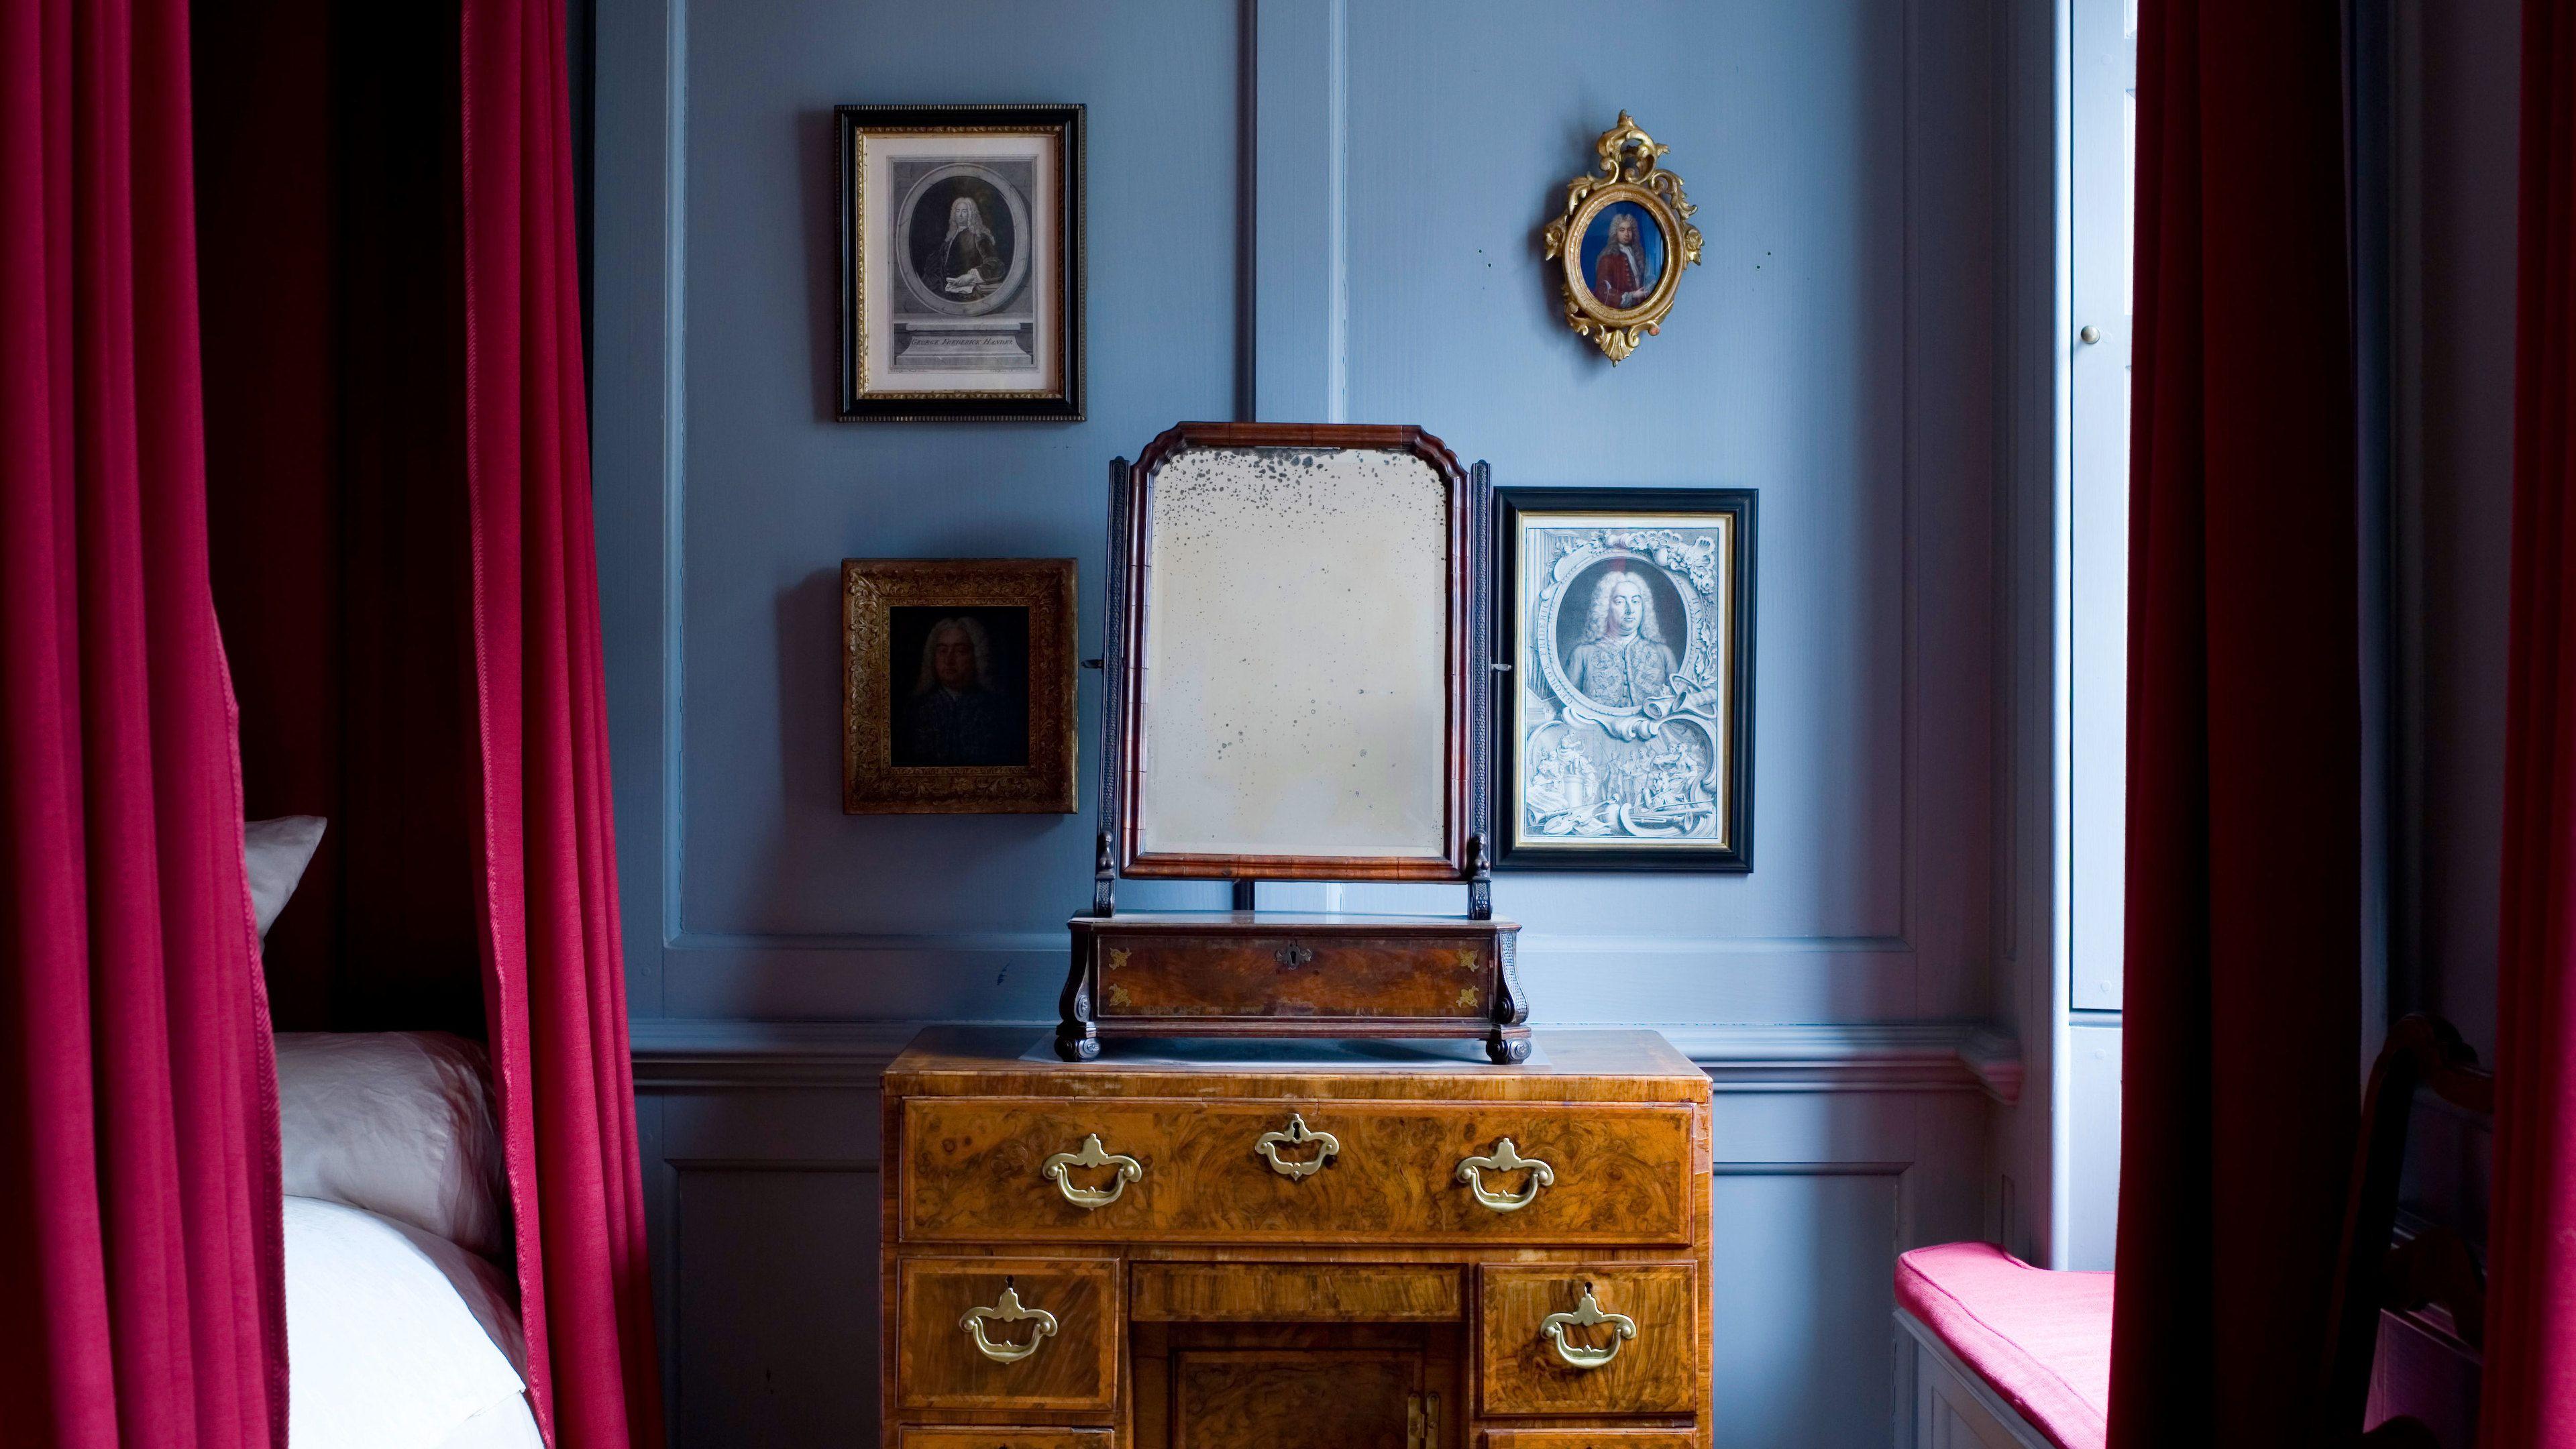 The room of Handel